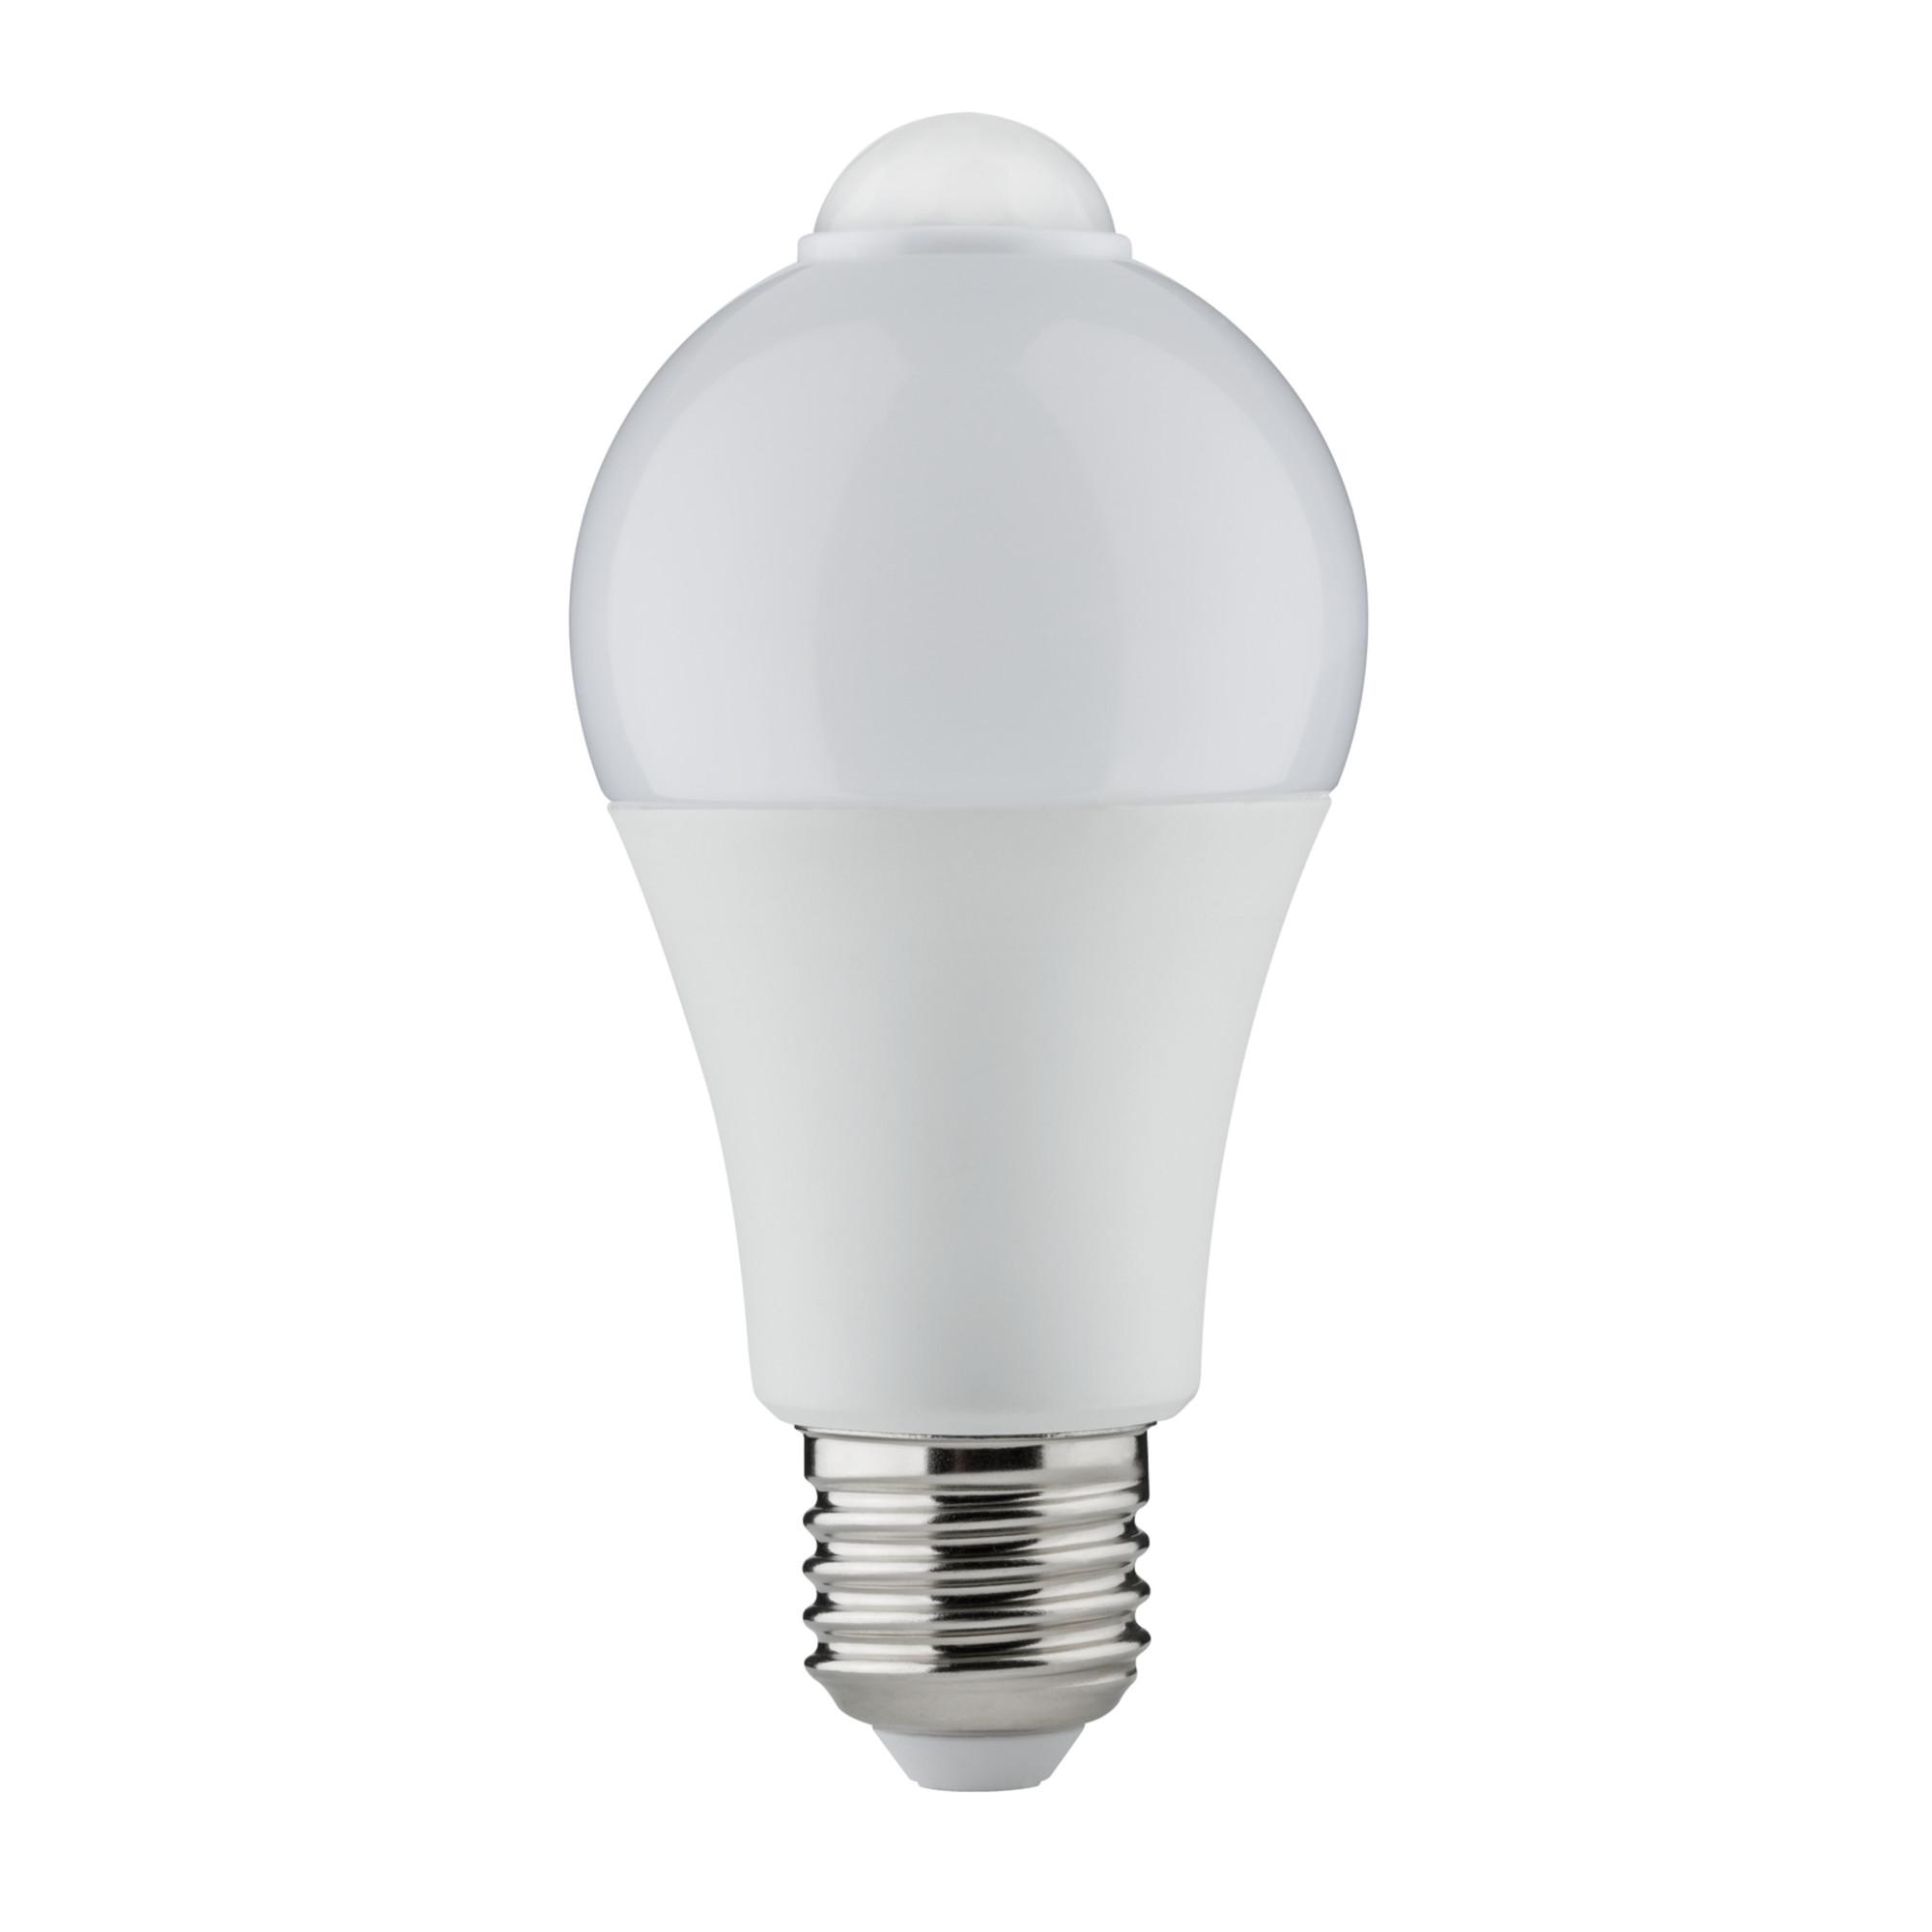 Лампа светодиодная Paulmann Общего назначения 6.5Вт 470лм 2700К E27 230В Опал ИК-датчик 28472.